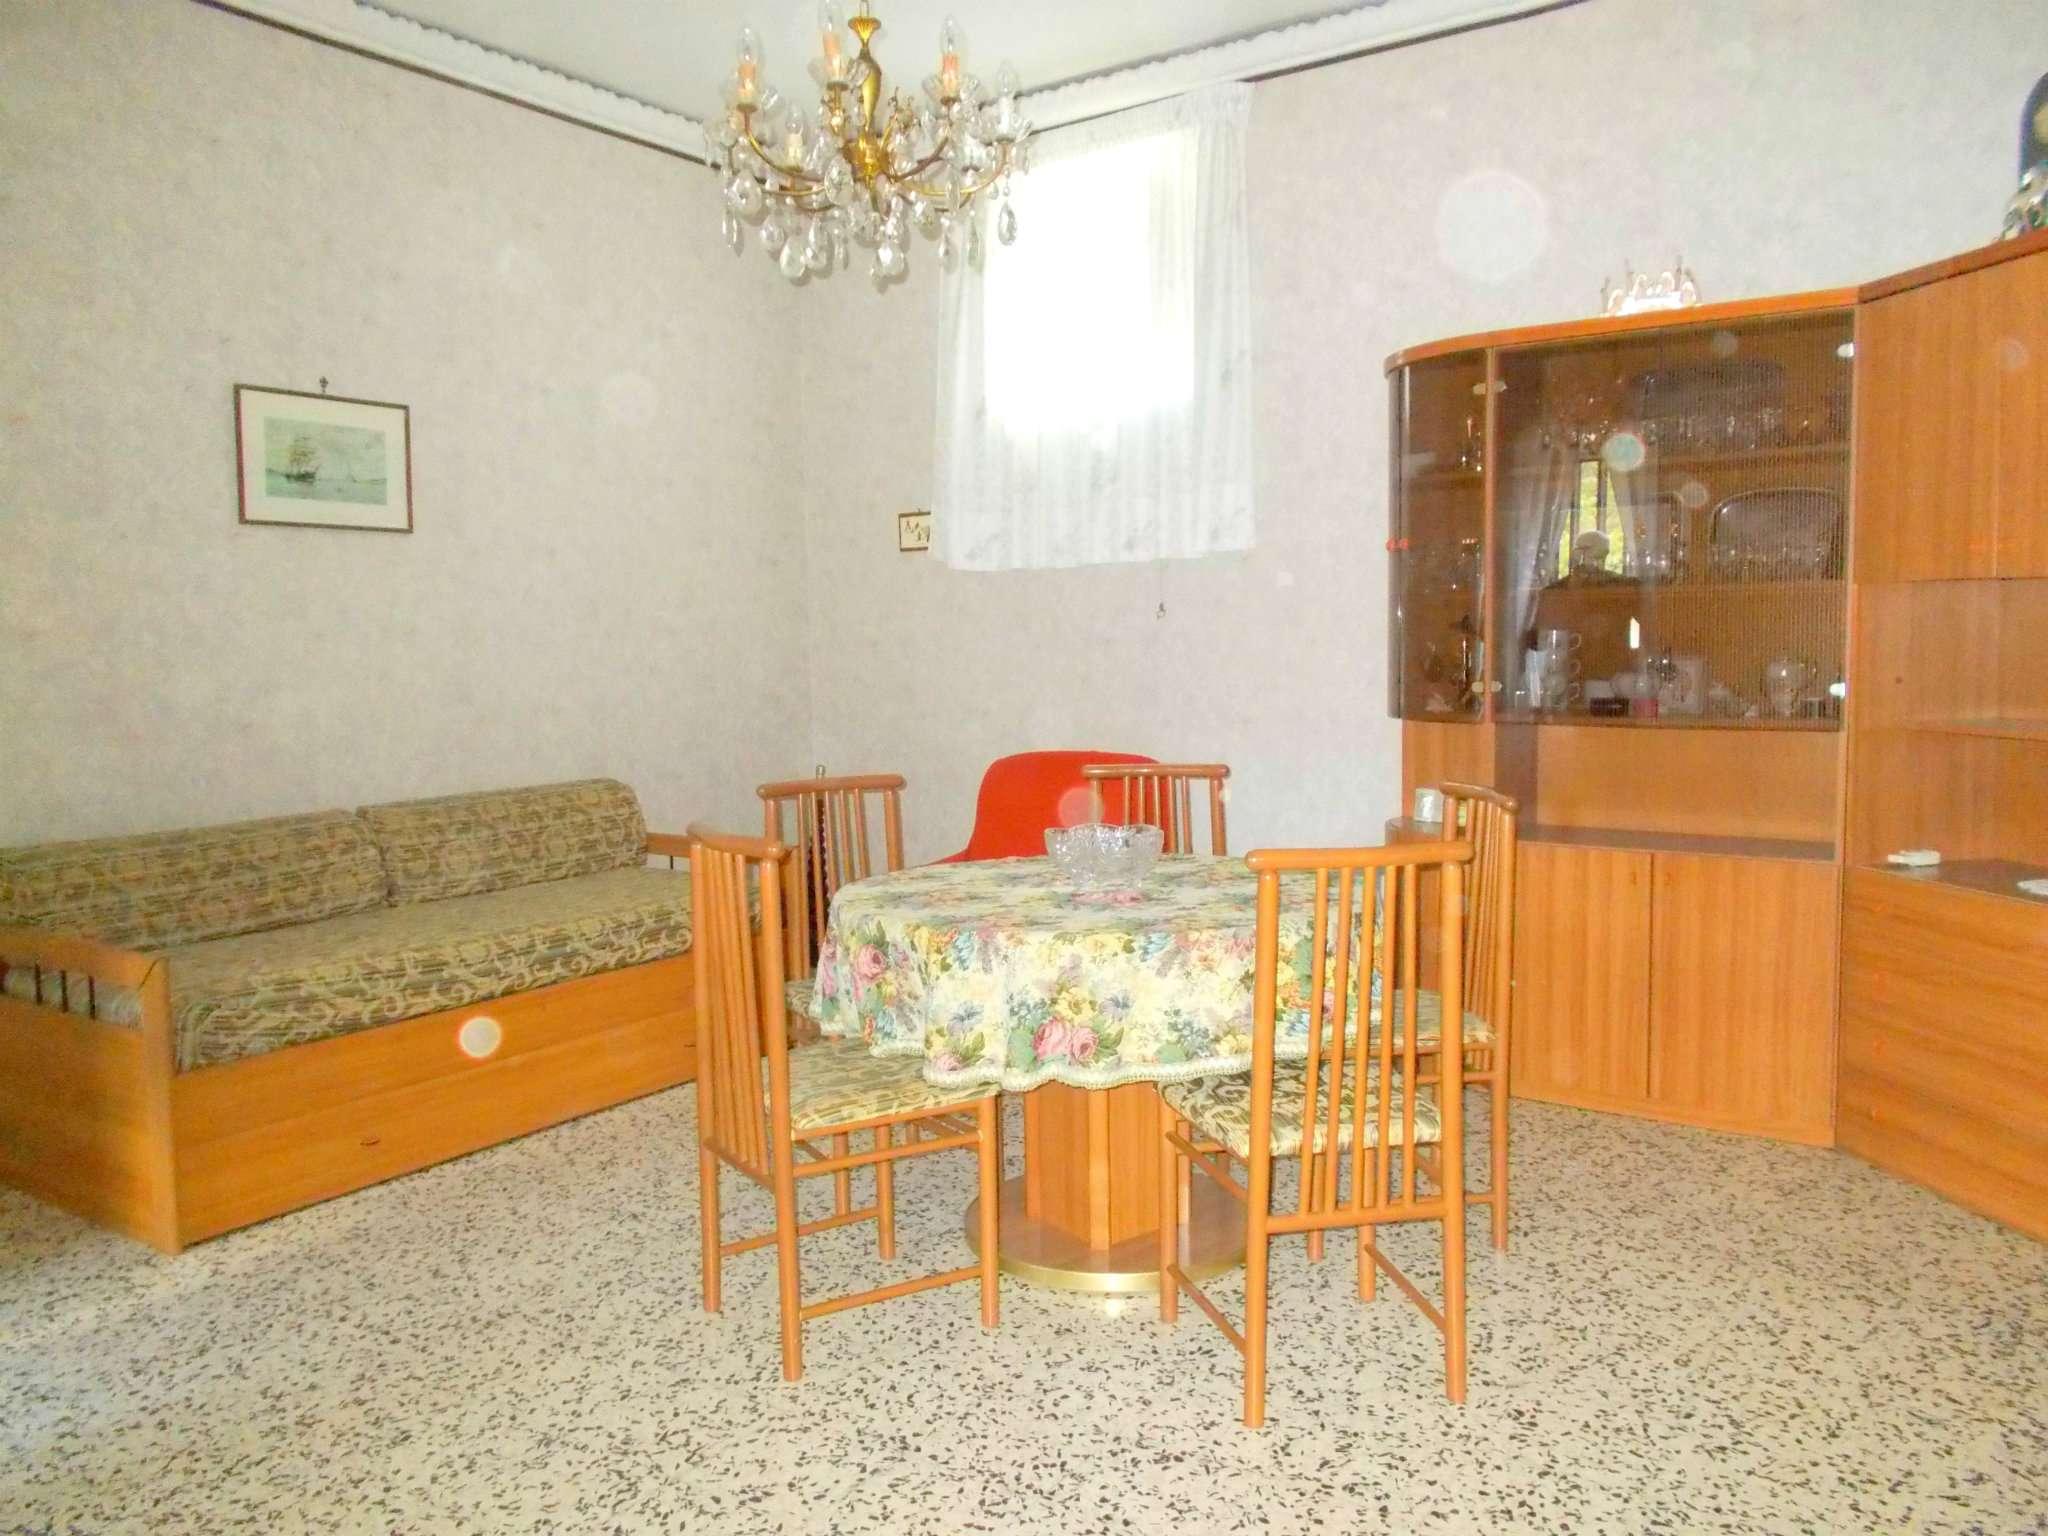 Appartamento in affitto a Santa Maria a Vico, 3 locali, prezzo € 250 | Cambio Casa.it